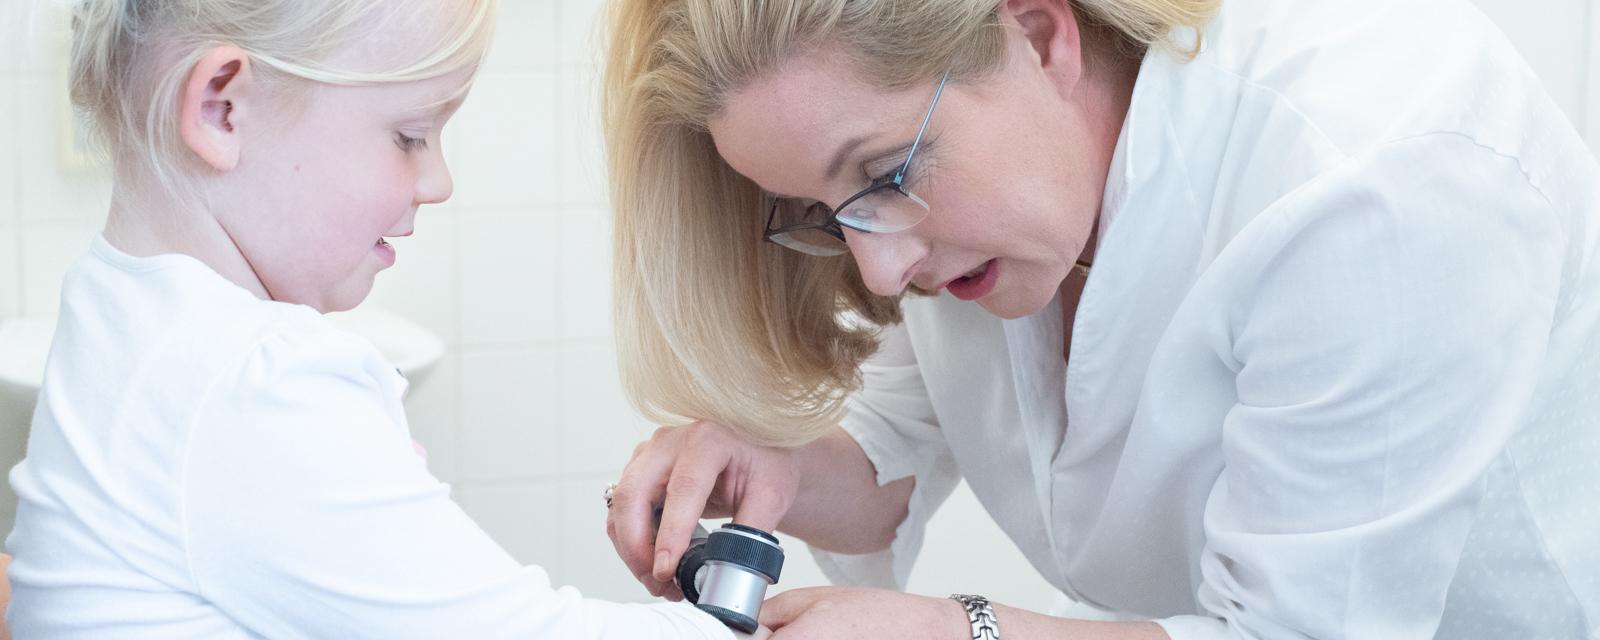 Haut Behandlung Dr. med Reinhard Knöll - Hautarztpraxis Lüneburg